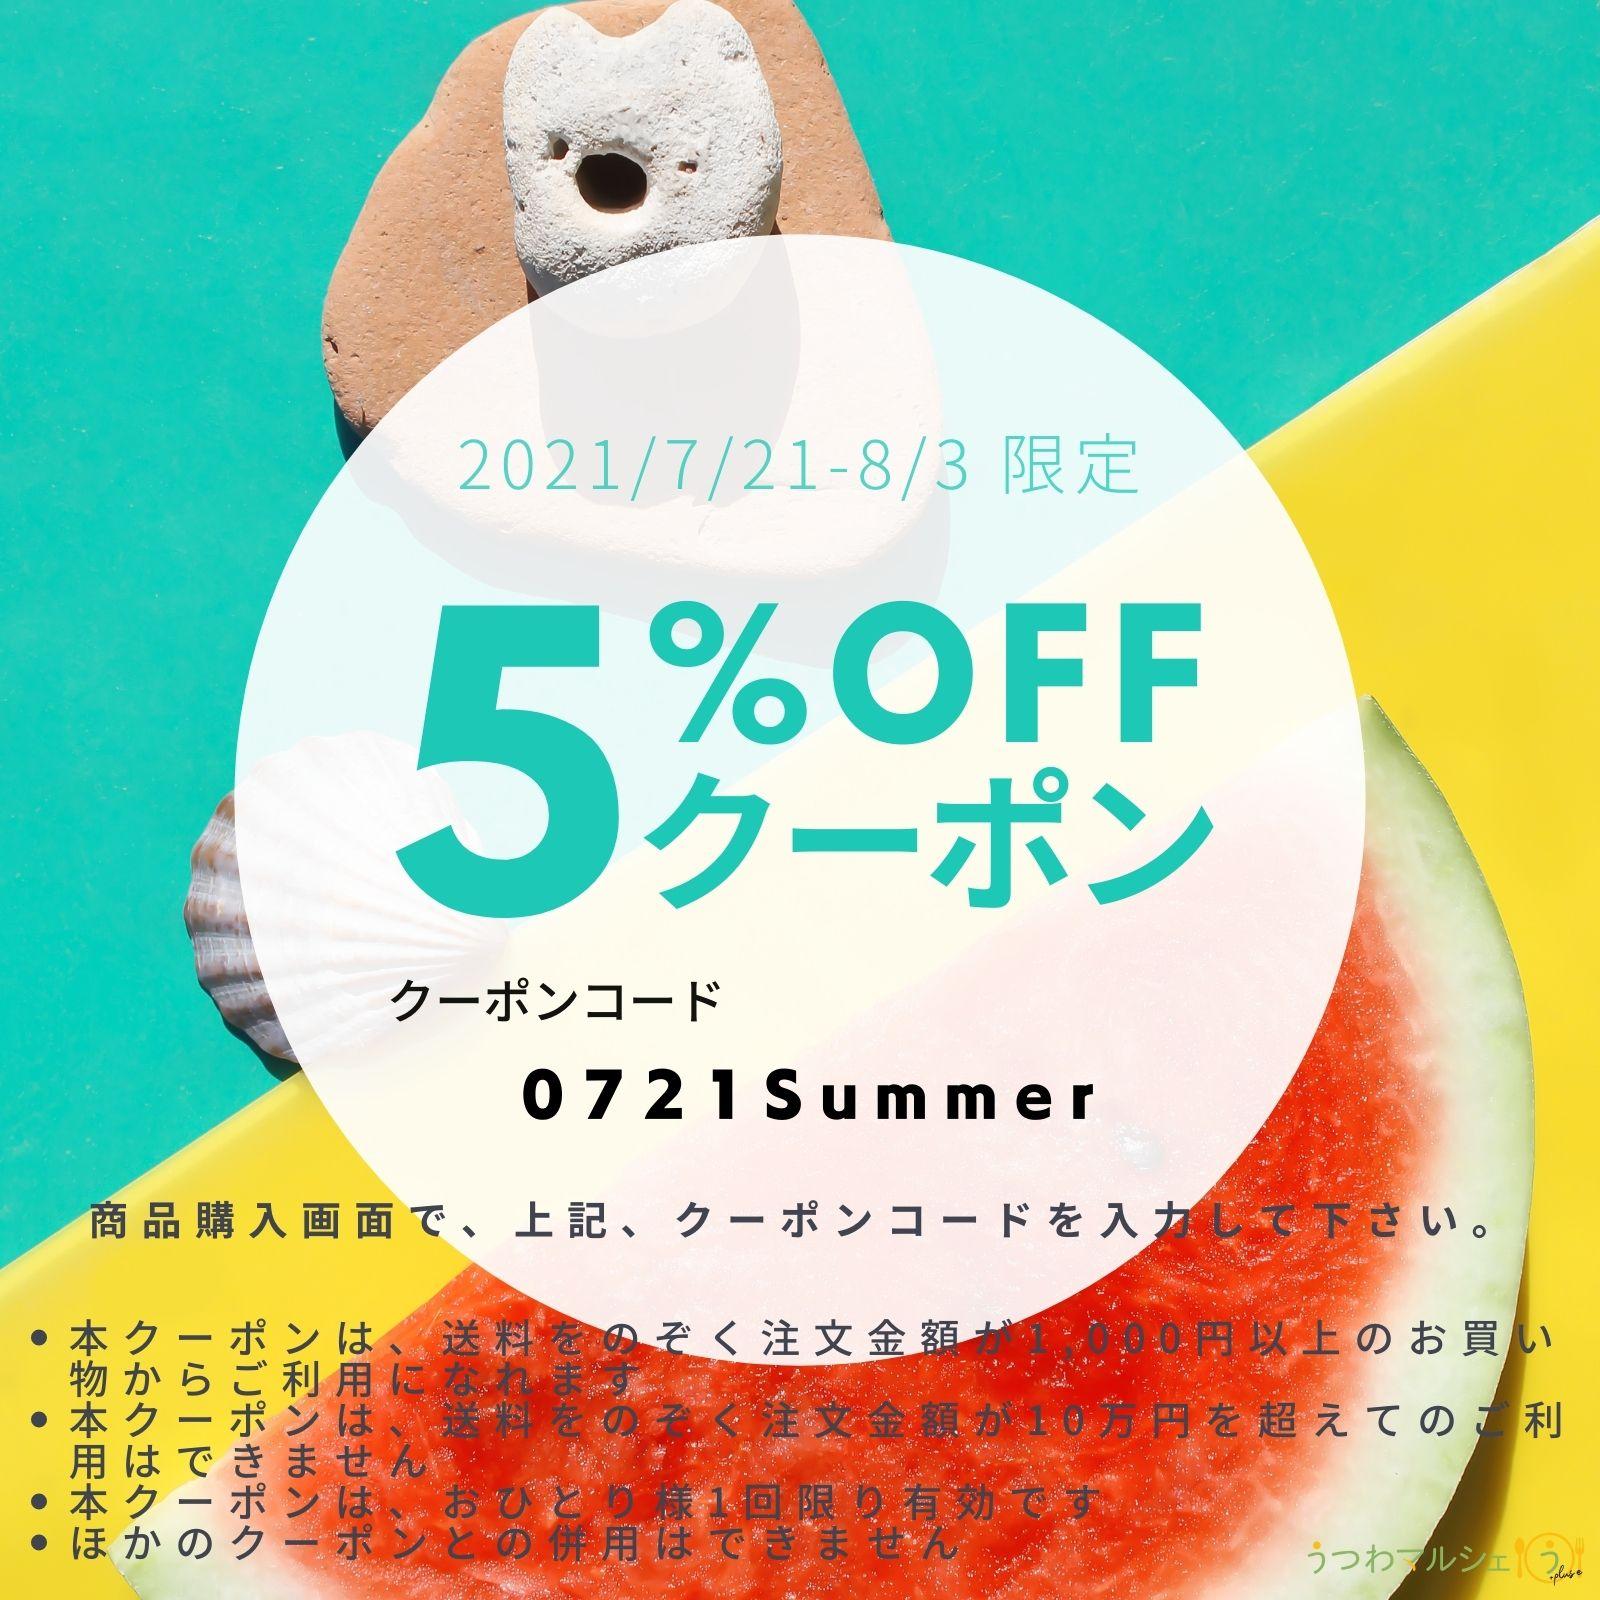 【クーポン情報】5%OFFクーポン発行中です!